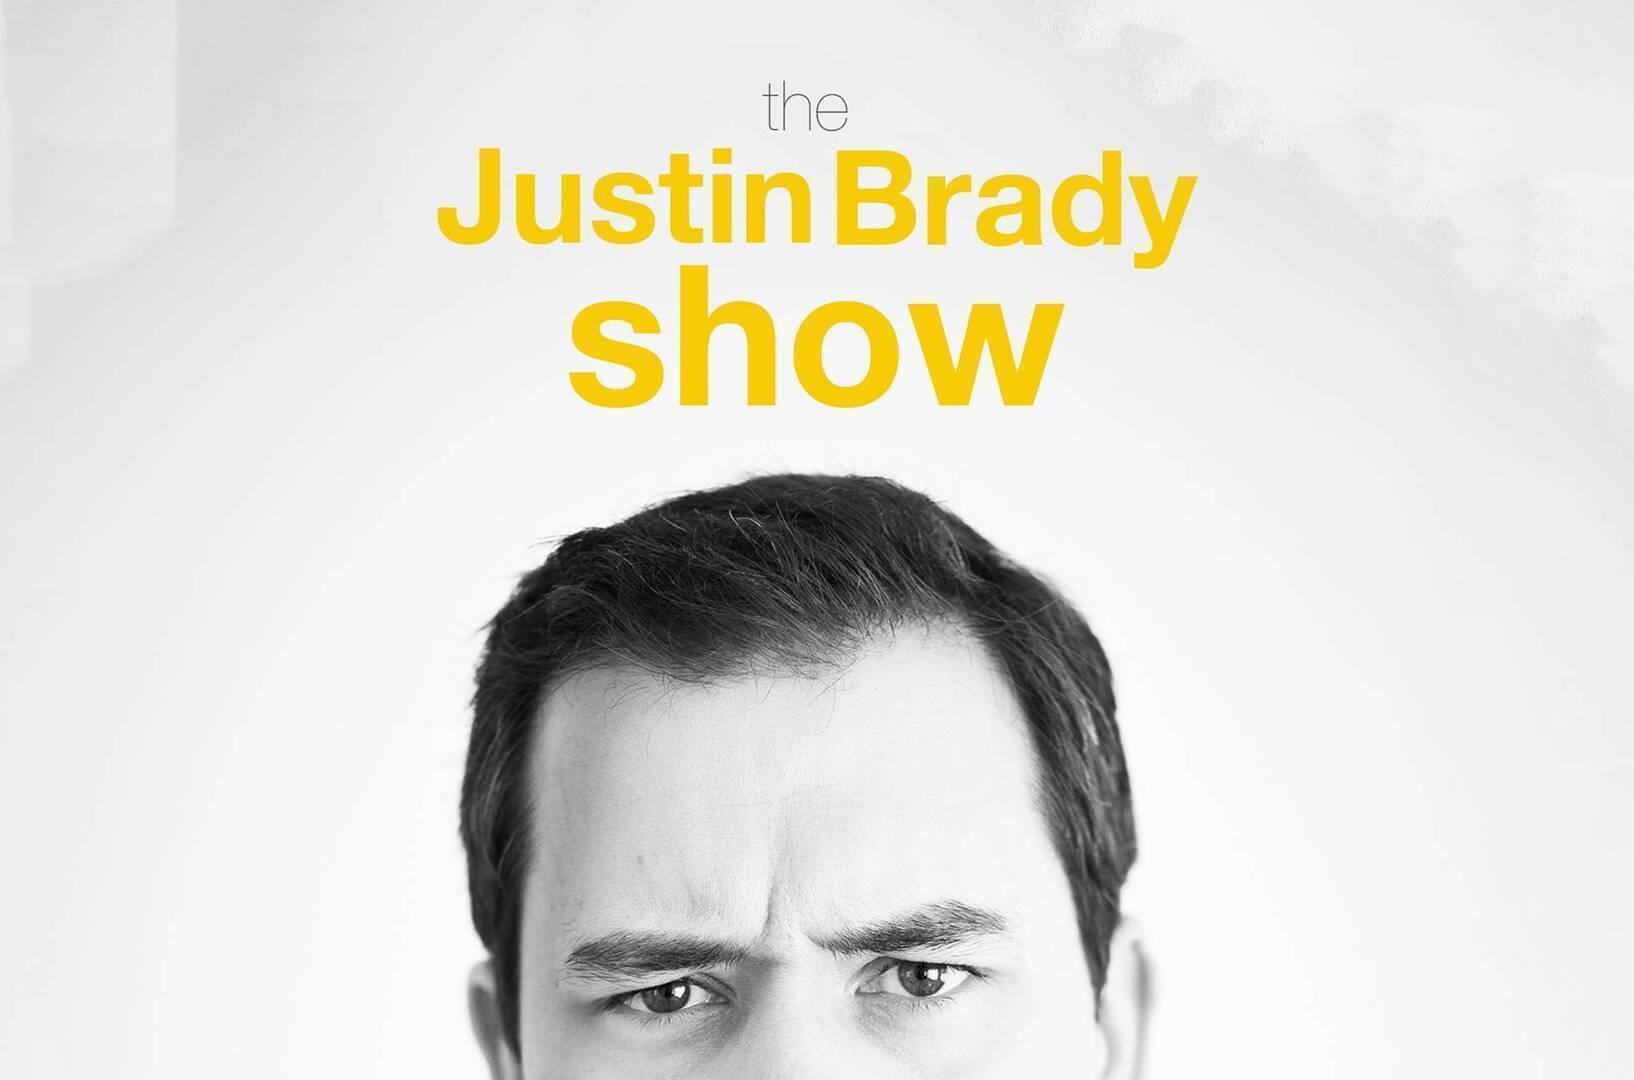 Justin Brady Show